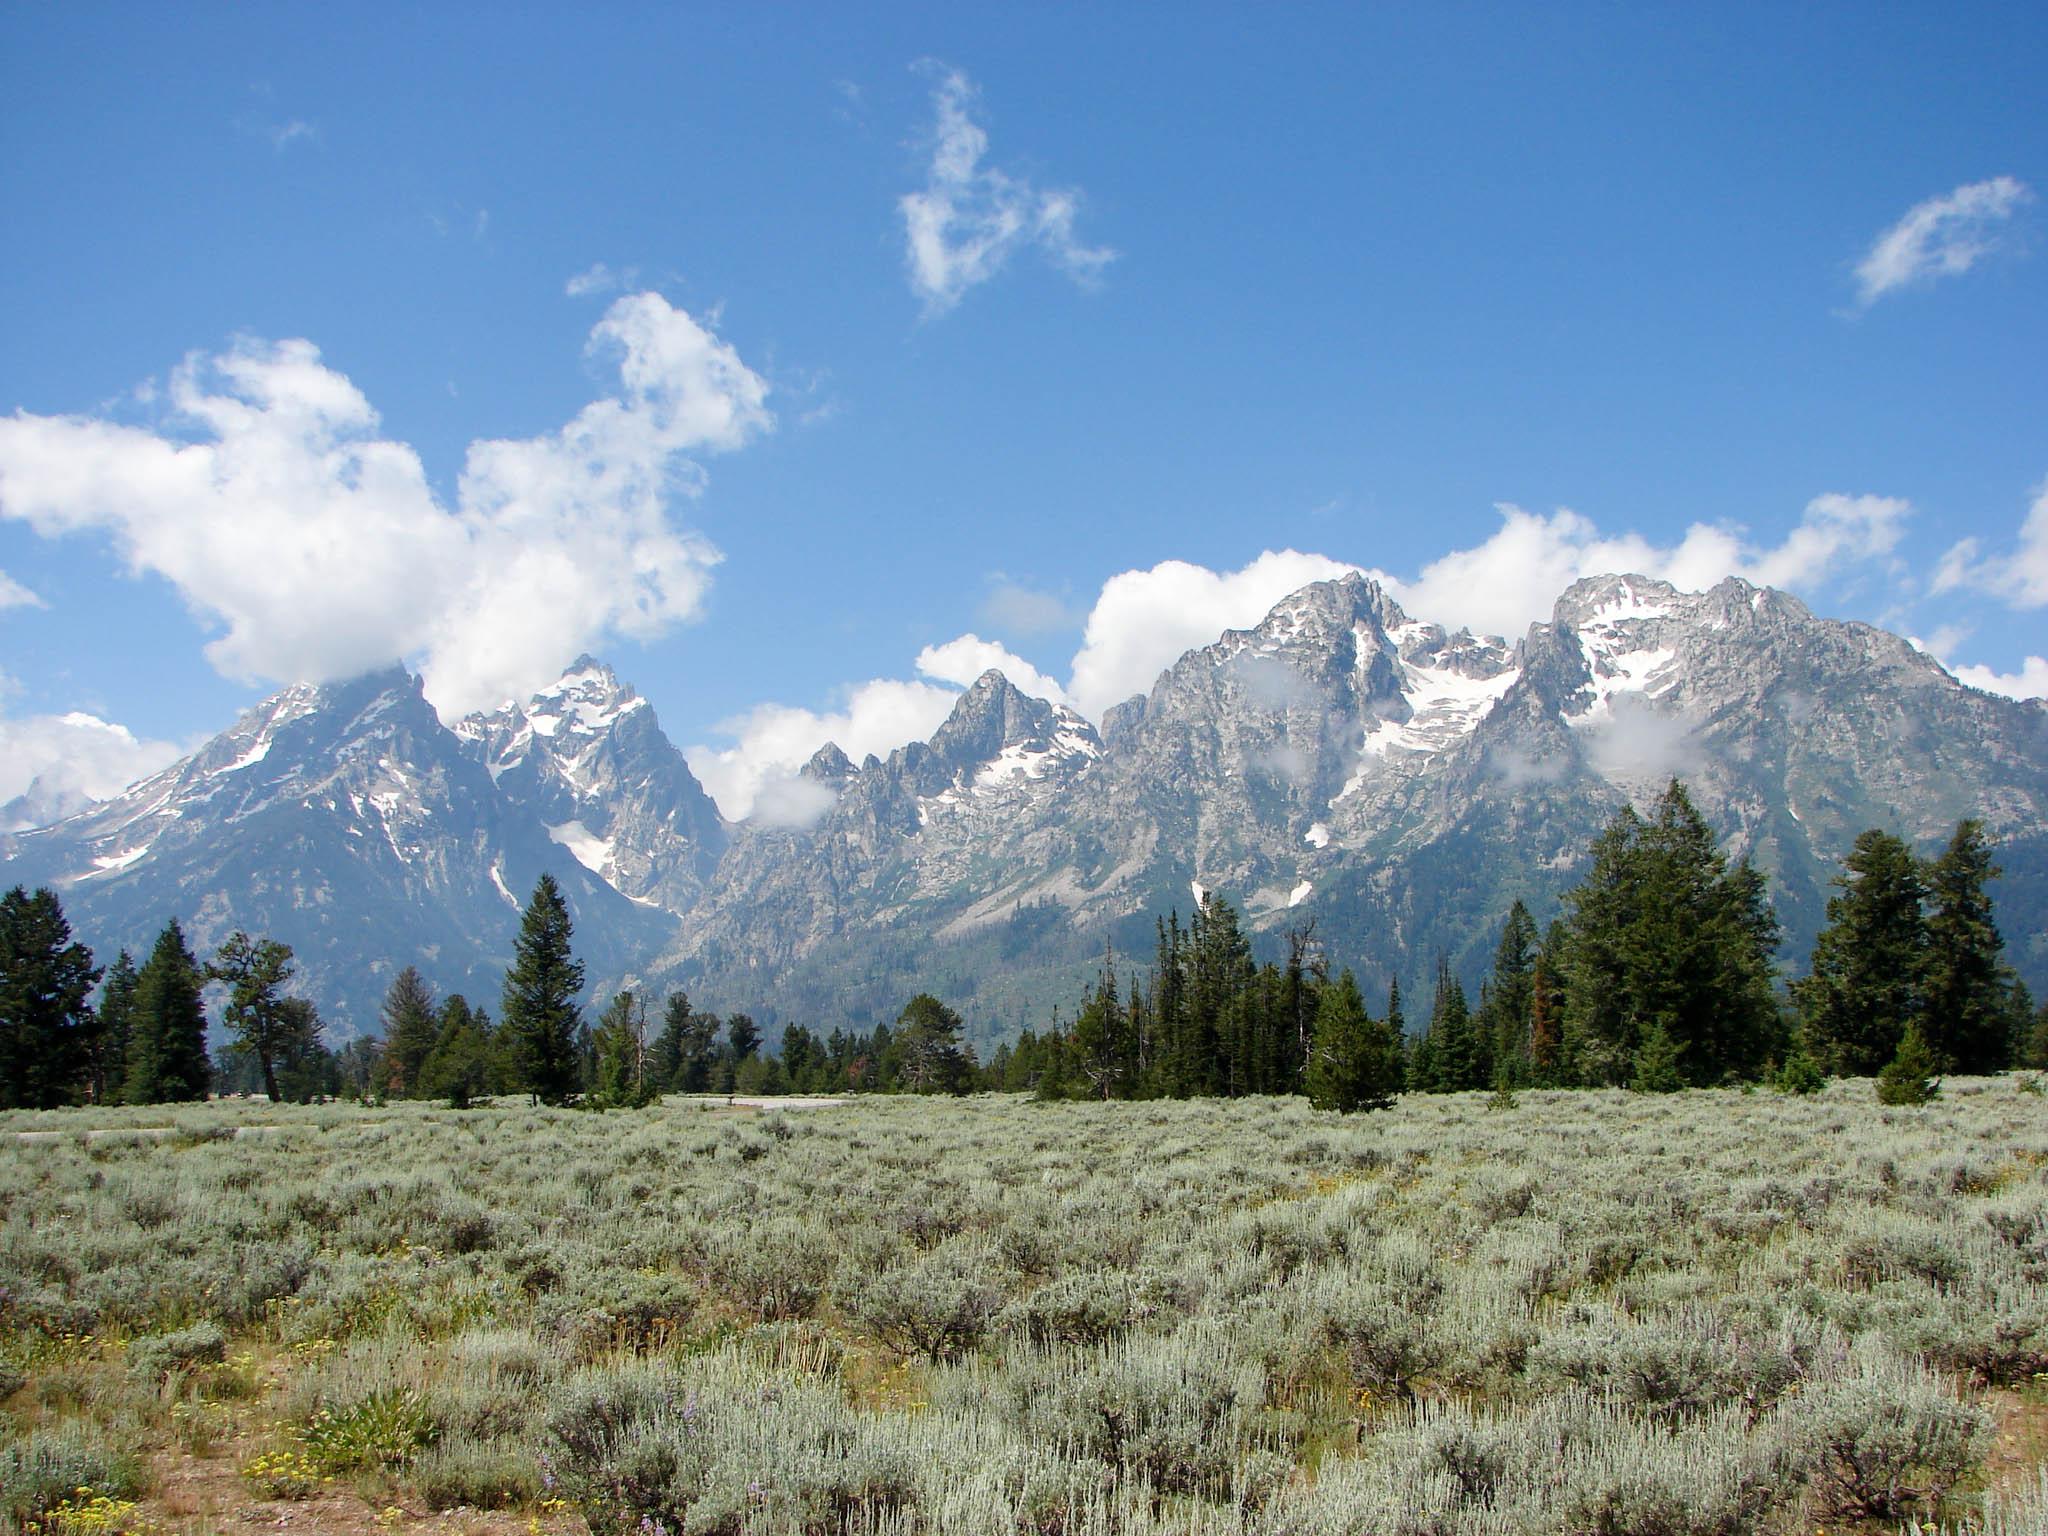 Mountains of Bridger-Teton National Forest